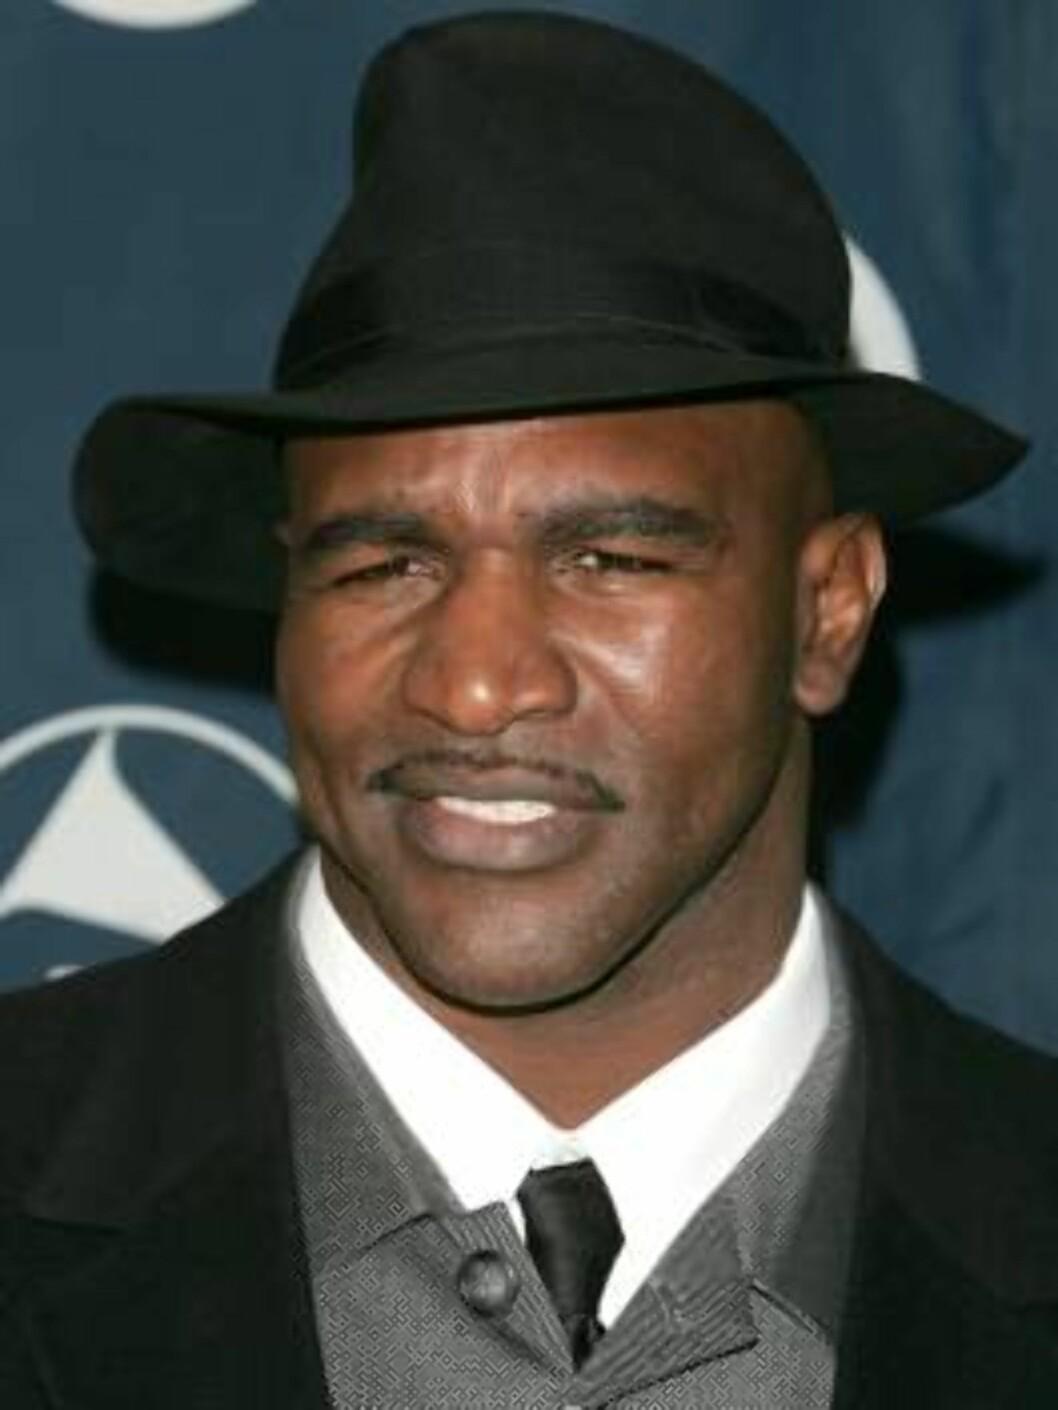 <strong>VANT BEGGE GANGENE:</strong> Evander Holyfield vant i 1997 begge kampene mot Tyson. Foto: All Over Press